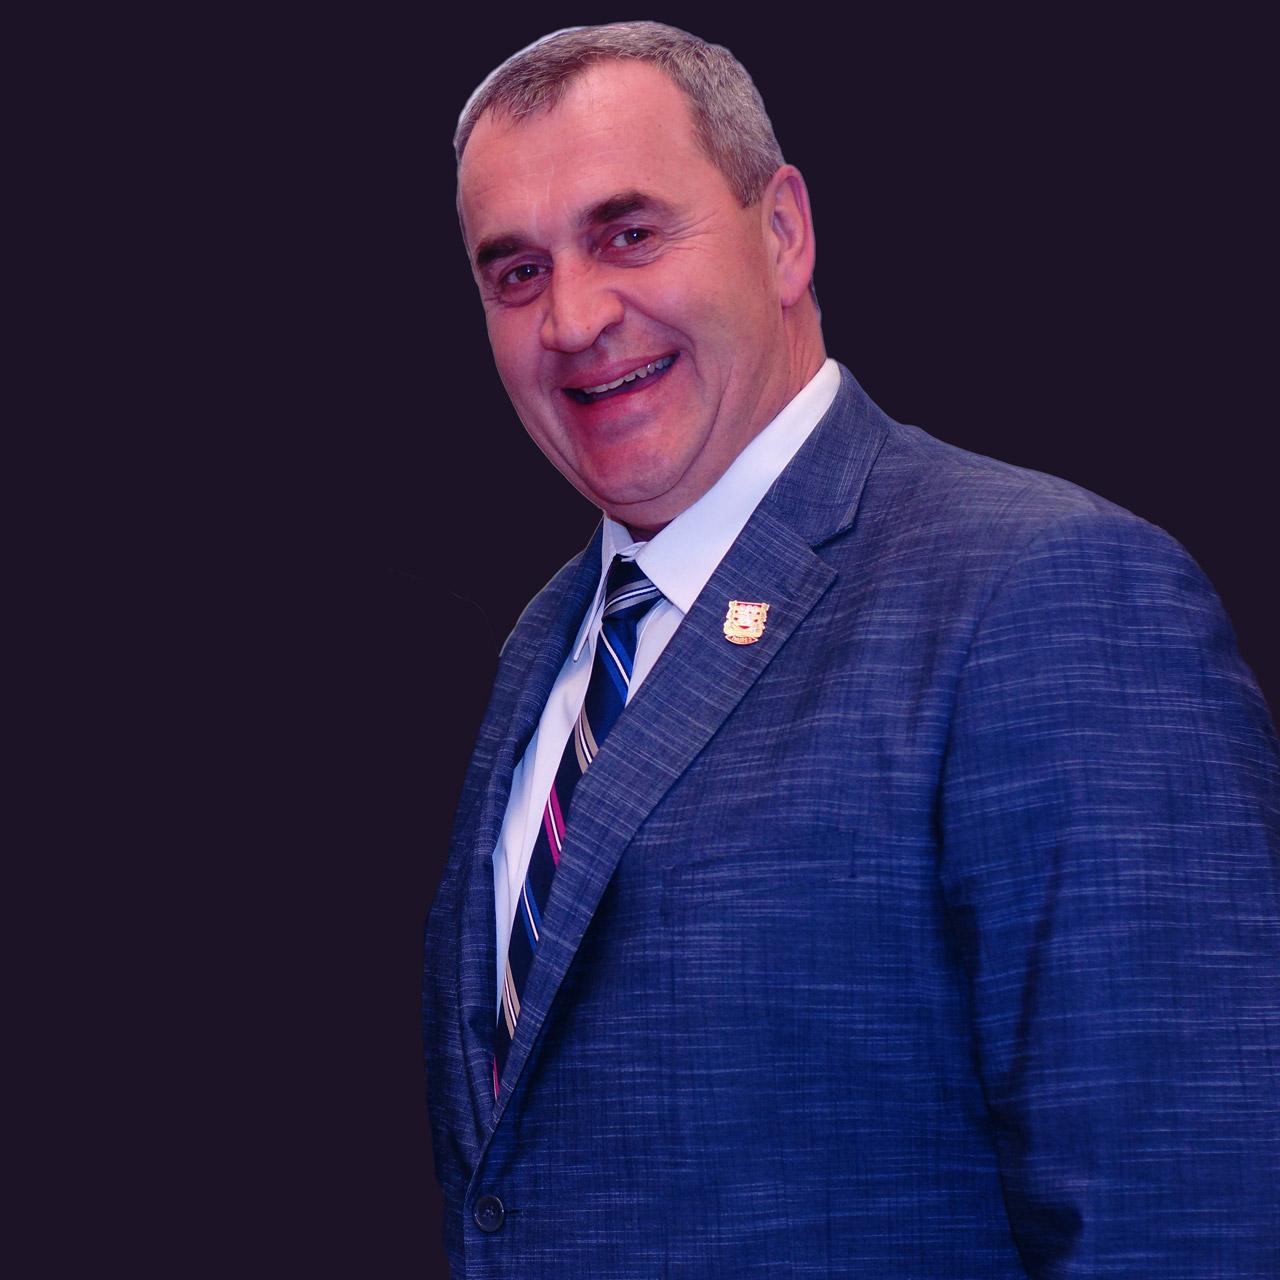 Benoit lauzon maire - Ville de Thurso